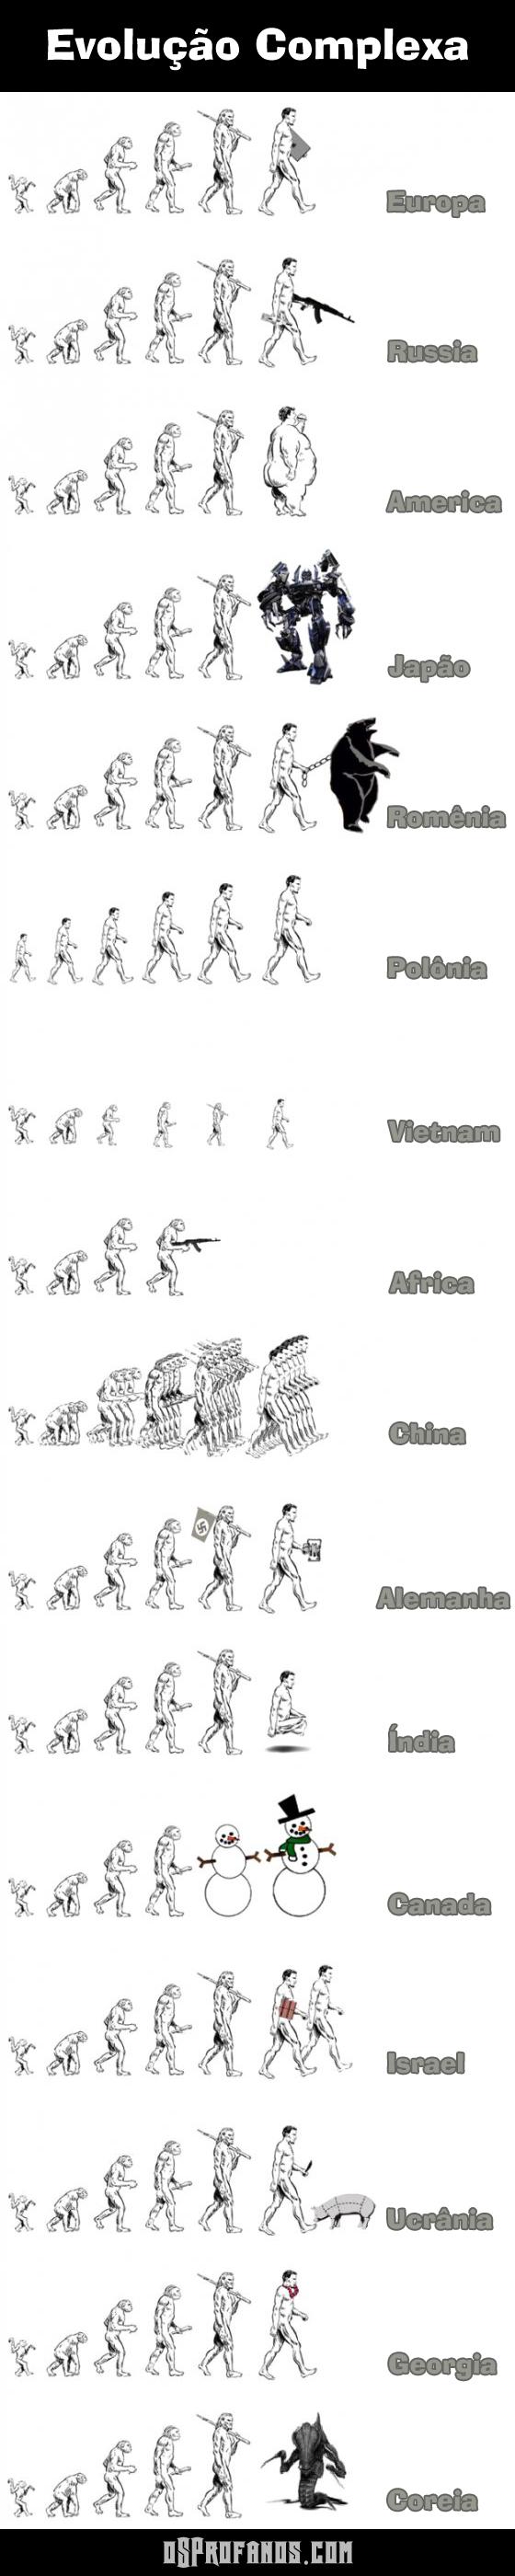 Evolução complexa